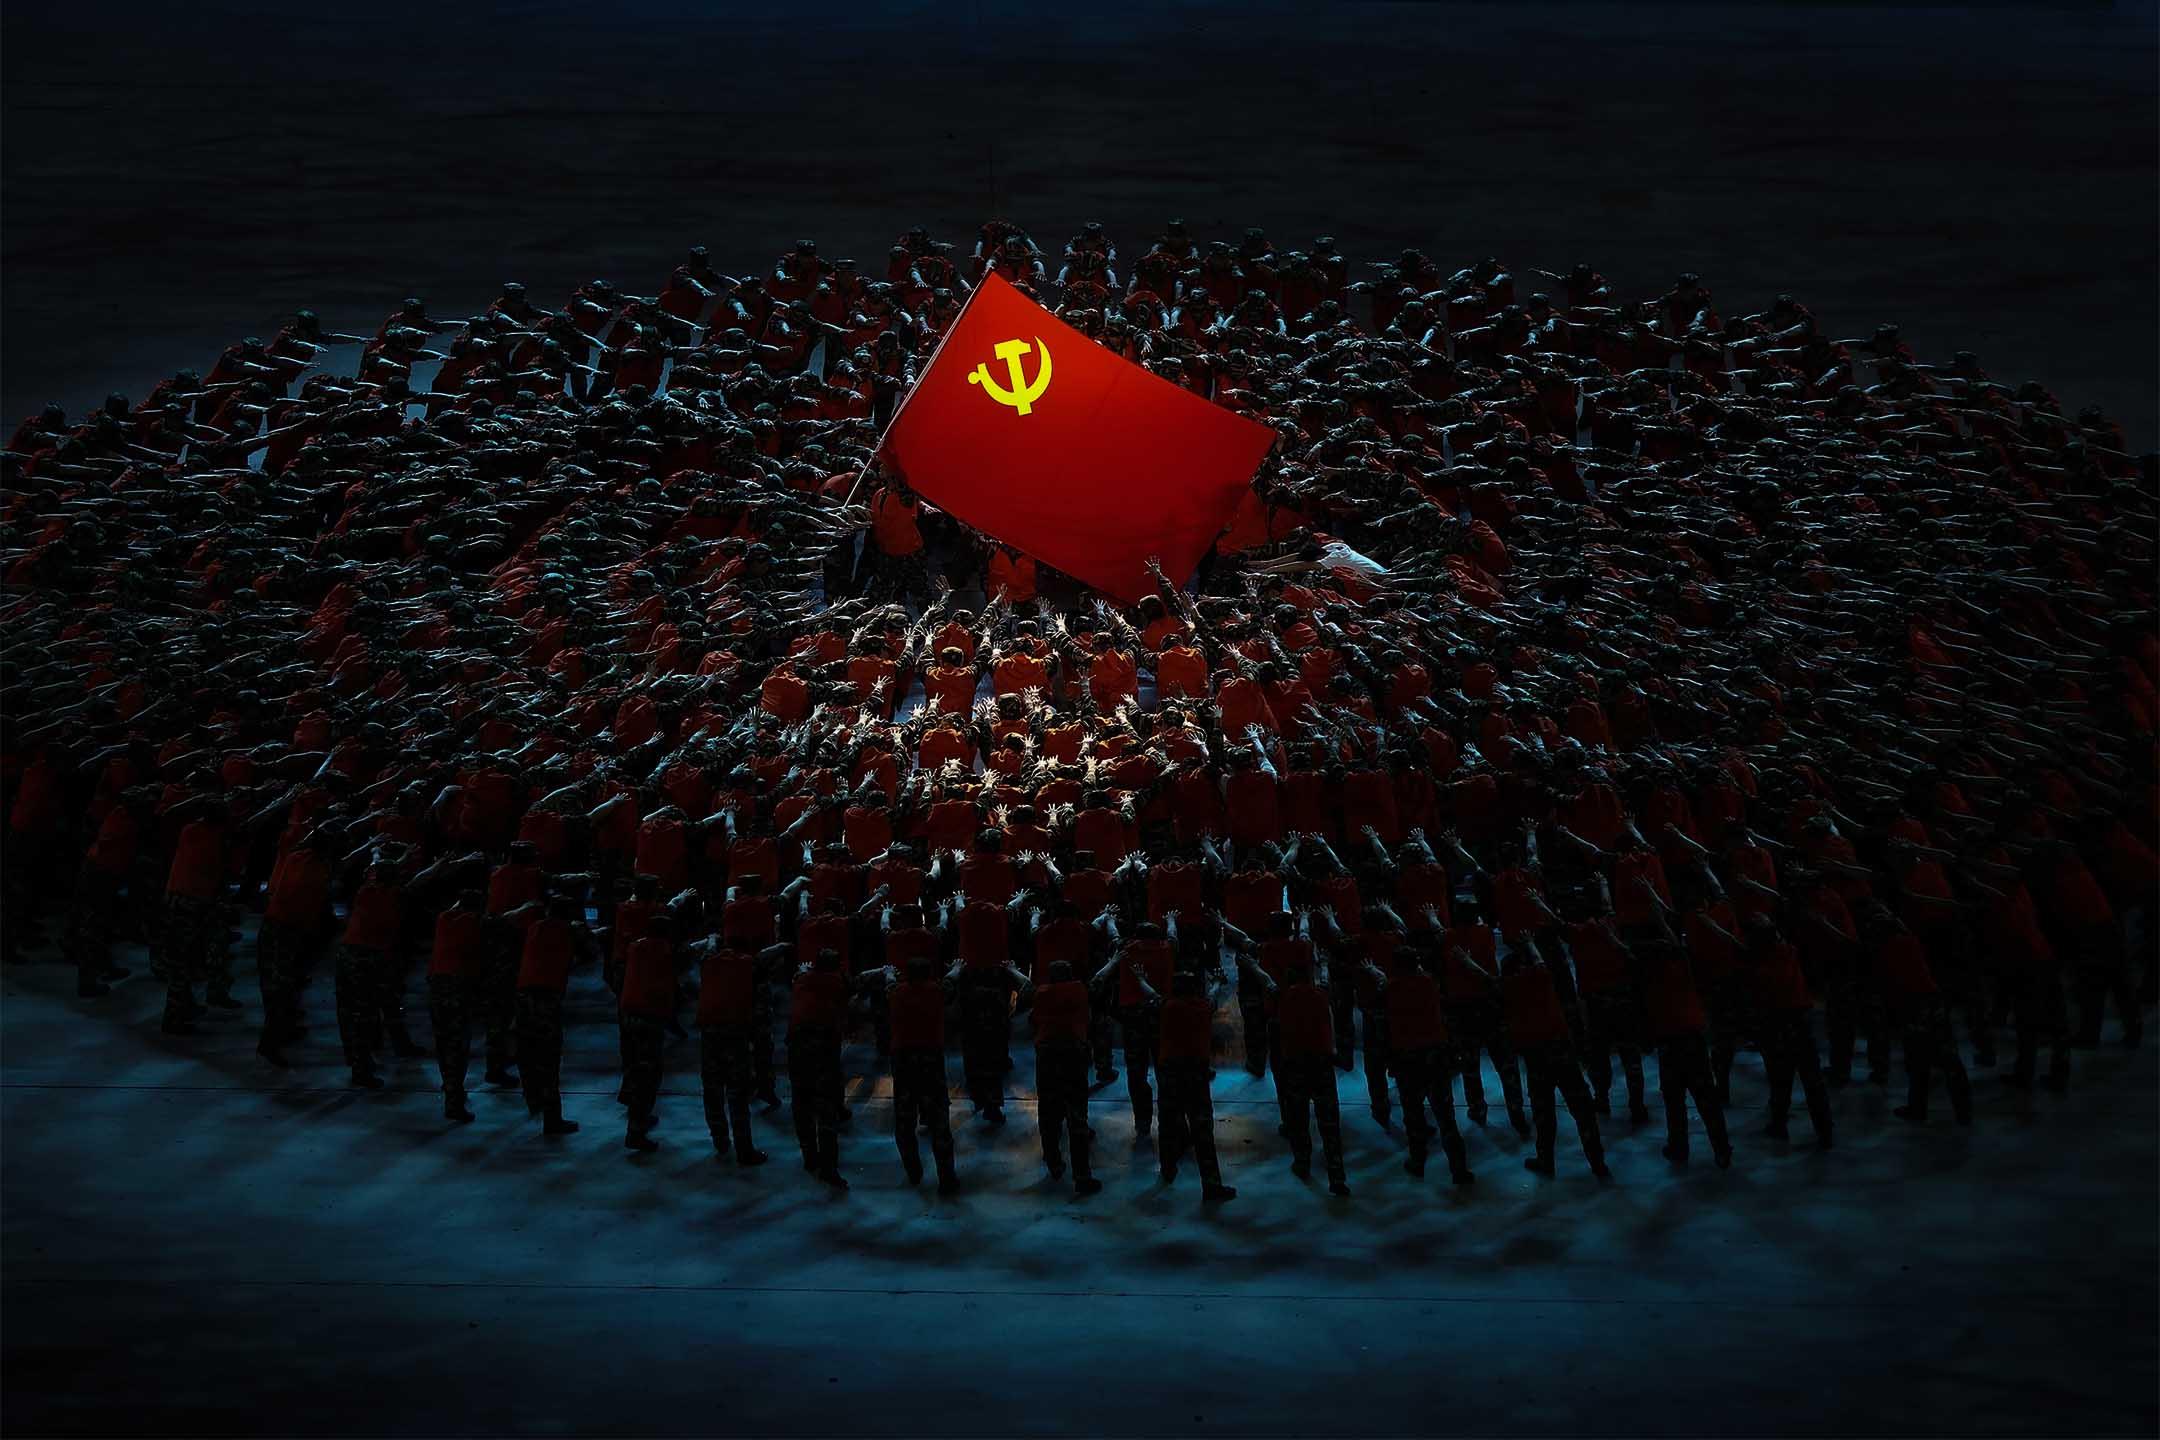 2021年6月28日中國北京,國家體育場內表演慶祝中國共產黨成立 100 週年。 攝:Lintao Zhang/Getty Images